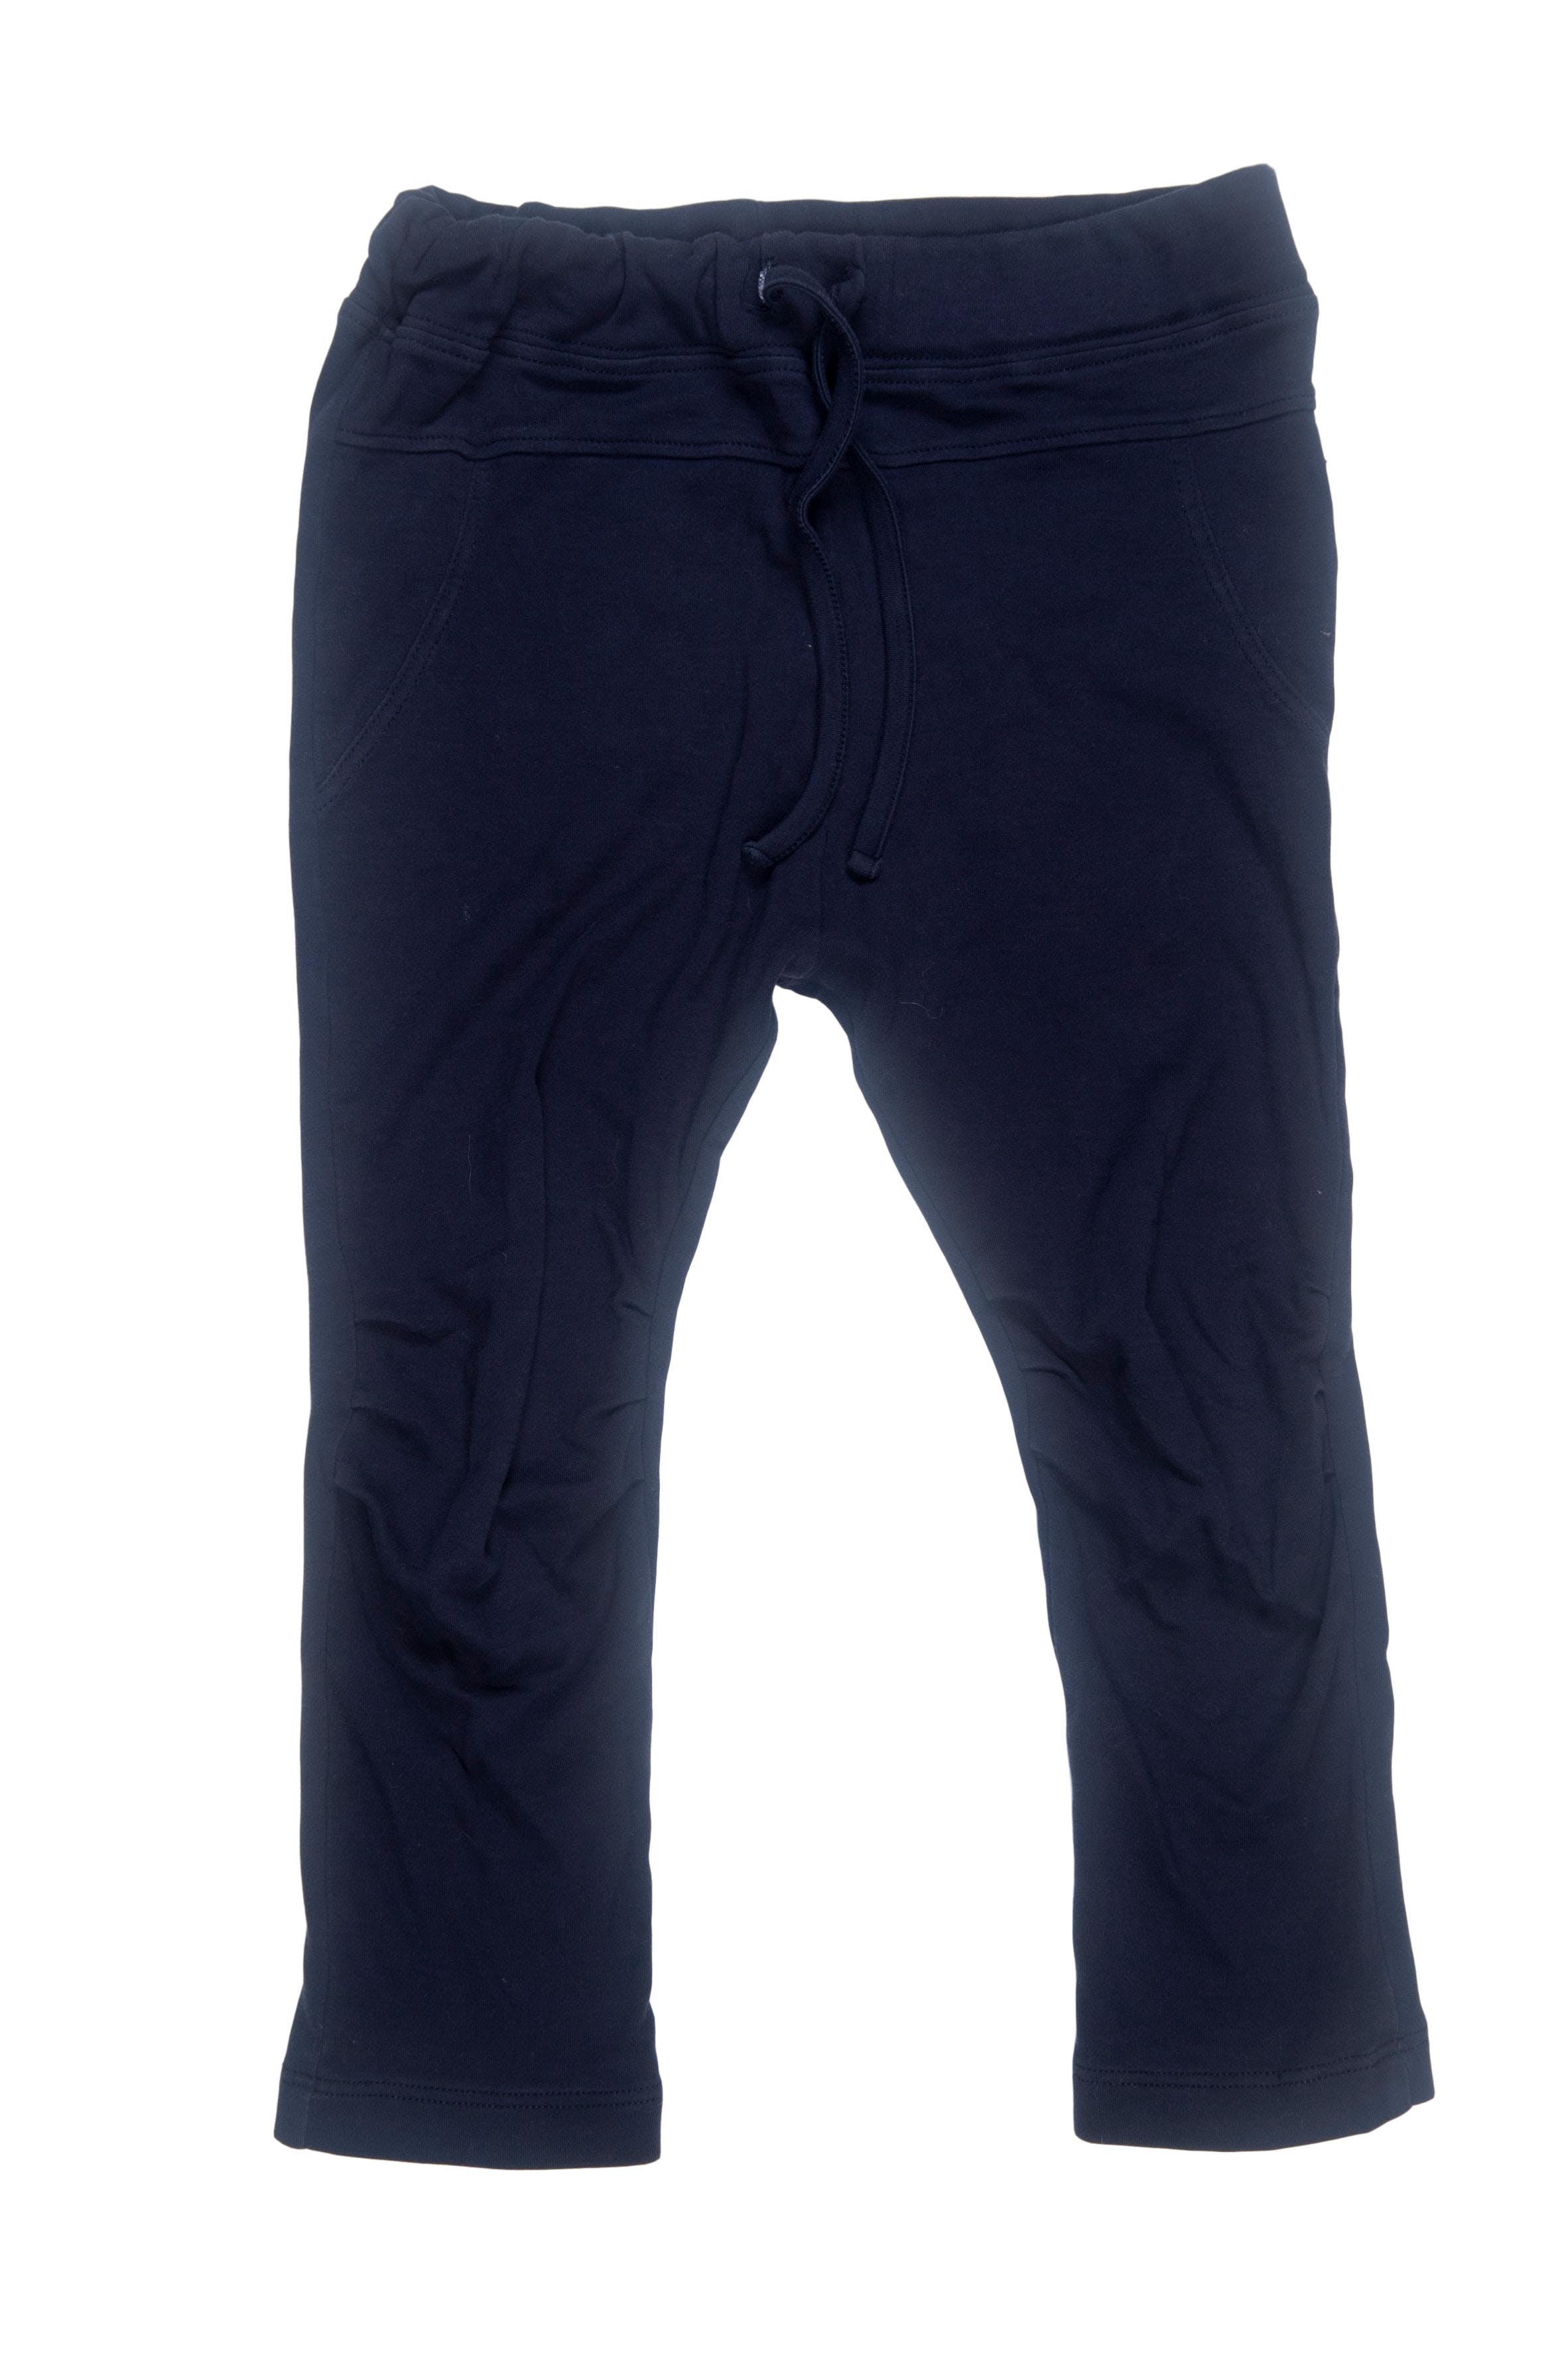 Pantalón delgado azul con pliegue en rodilla y elástico cintura 100% algodón - Baby Pima